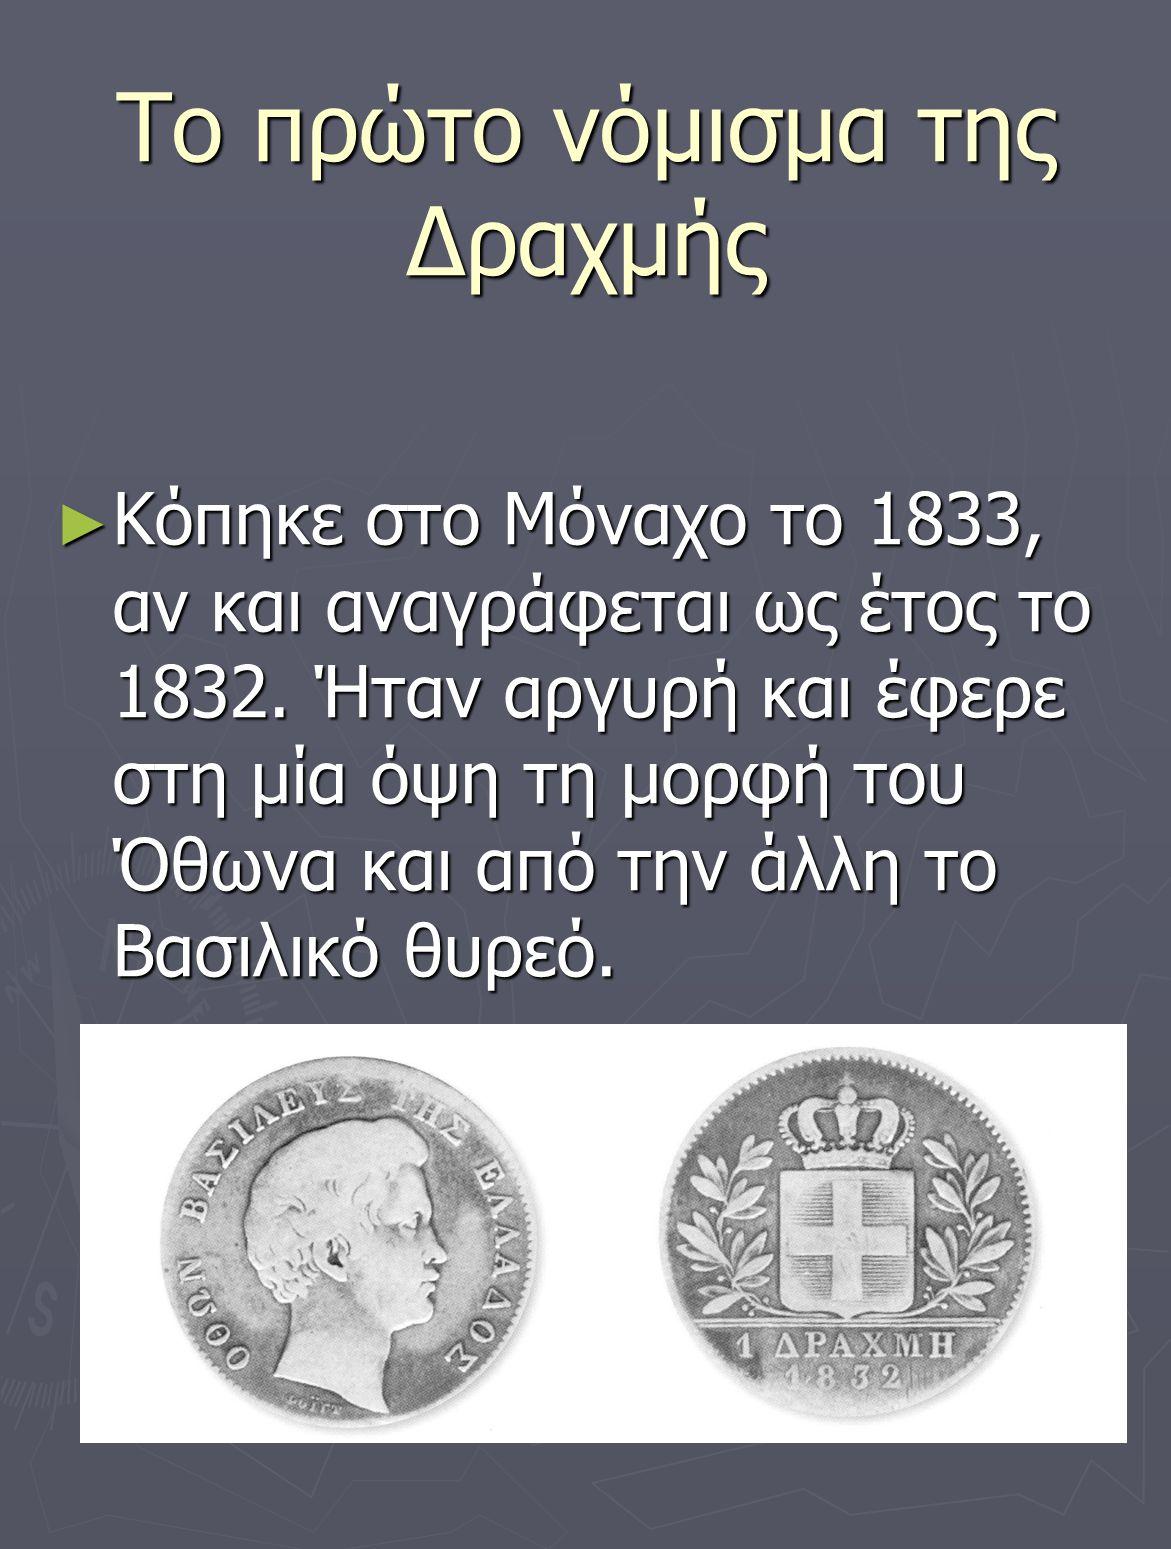 Το πρώτο νόμισμα της Δραχμής ► Κόπηκε στο Μόναχο το 1833, αν και αναγράφεται ως έτος το 1832. Ήταν αργυρή και έφερε στη μία όψη τη μορφή του Όθωνα και